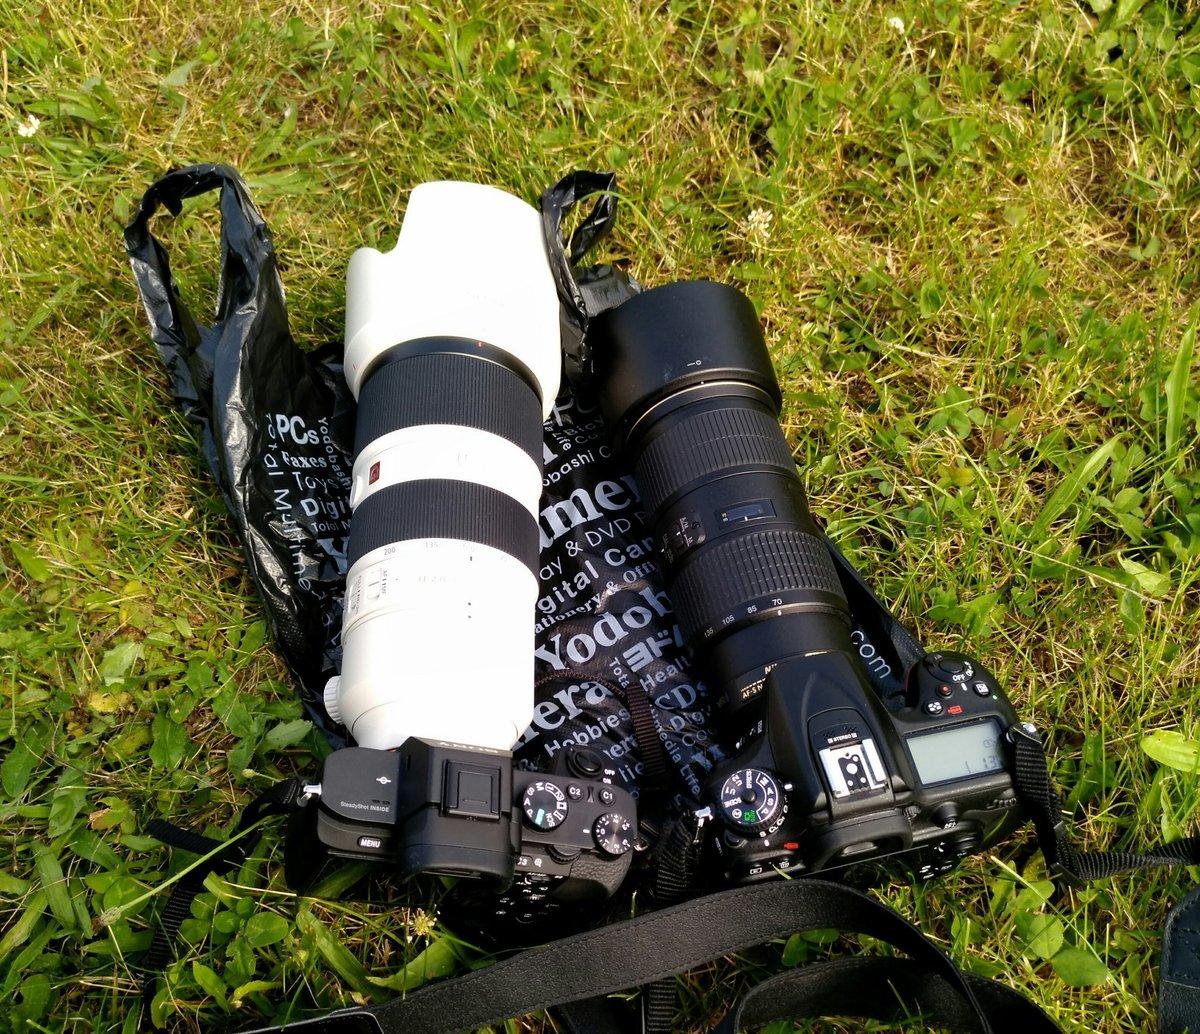 ヨドバシカメラ主催の撮影会にきました レンズを借りましたが、慣れてないので重量で首がもげそうです ※SEL70200GMを借りました https://t.co/60KrntzykU